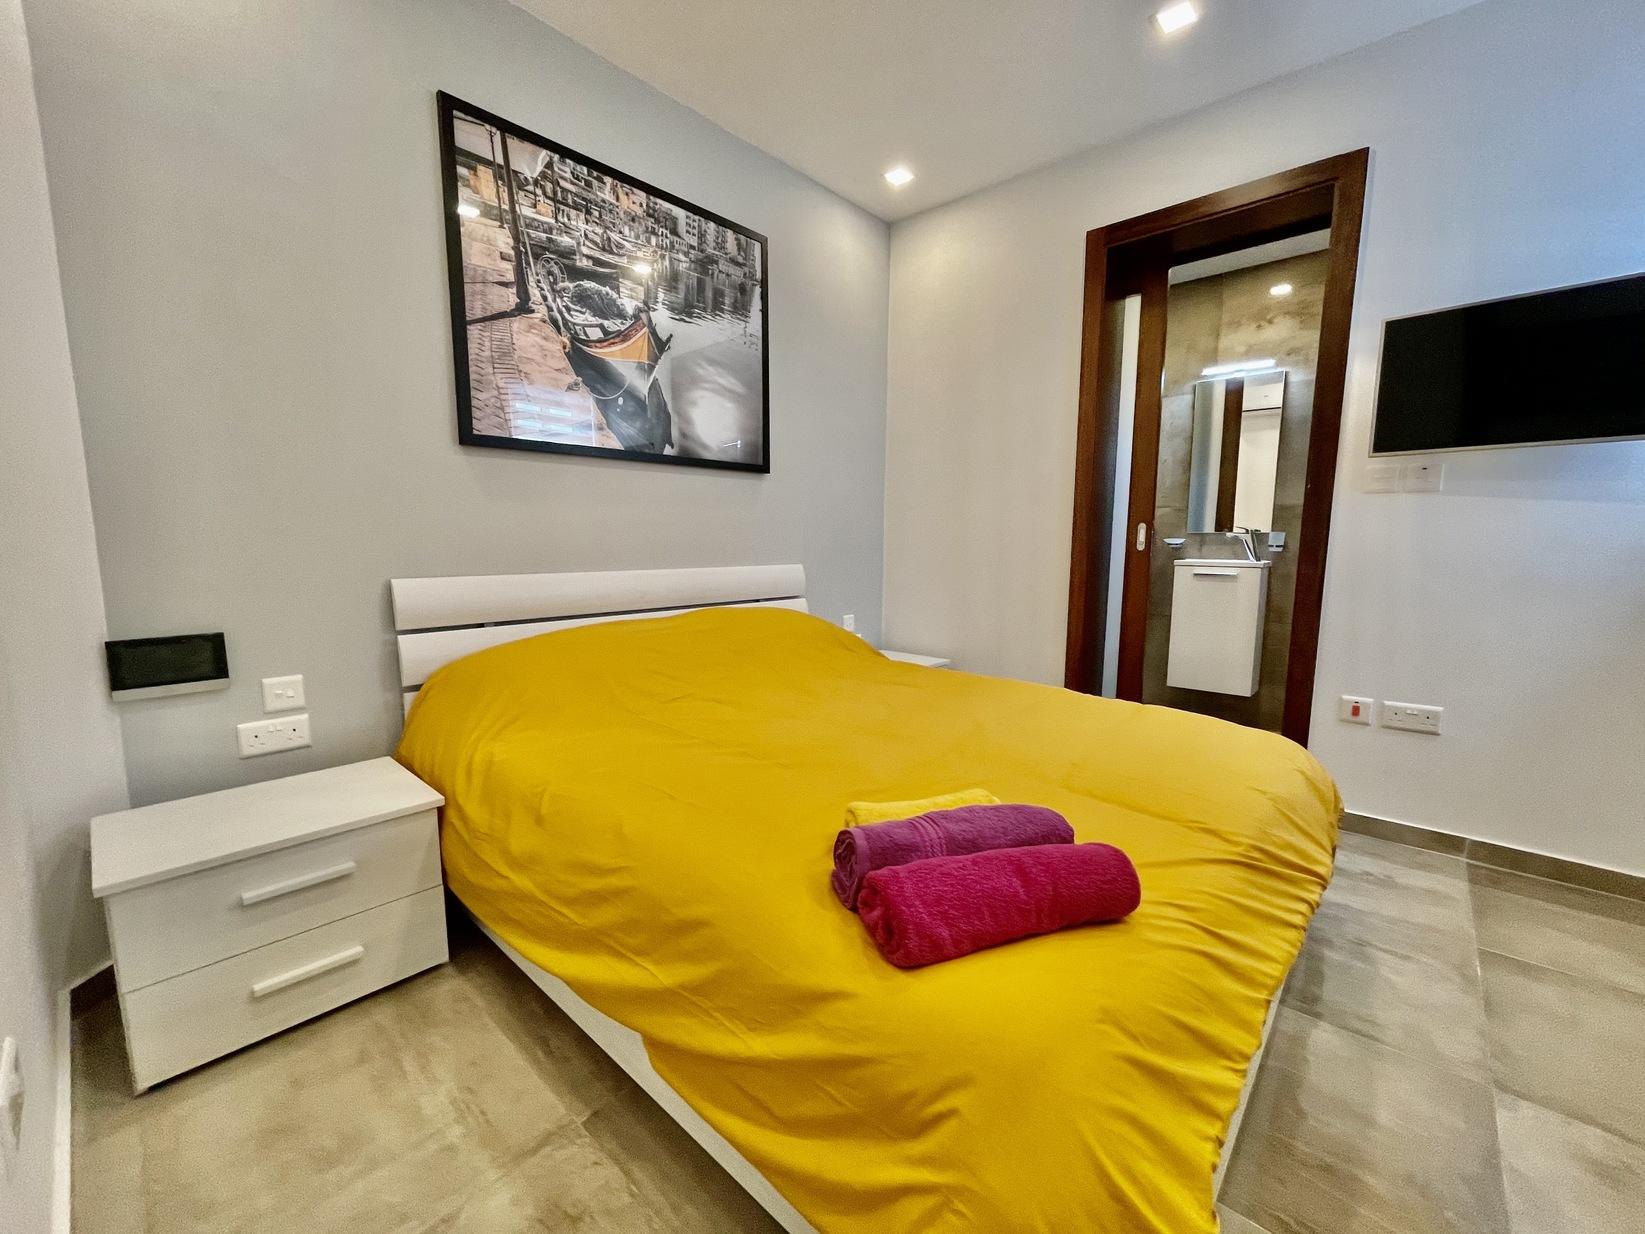 3 bed Apartment For Sale in Pieta, Pieta - thumb 16